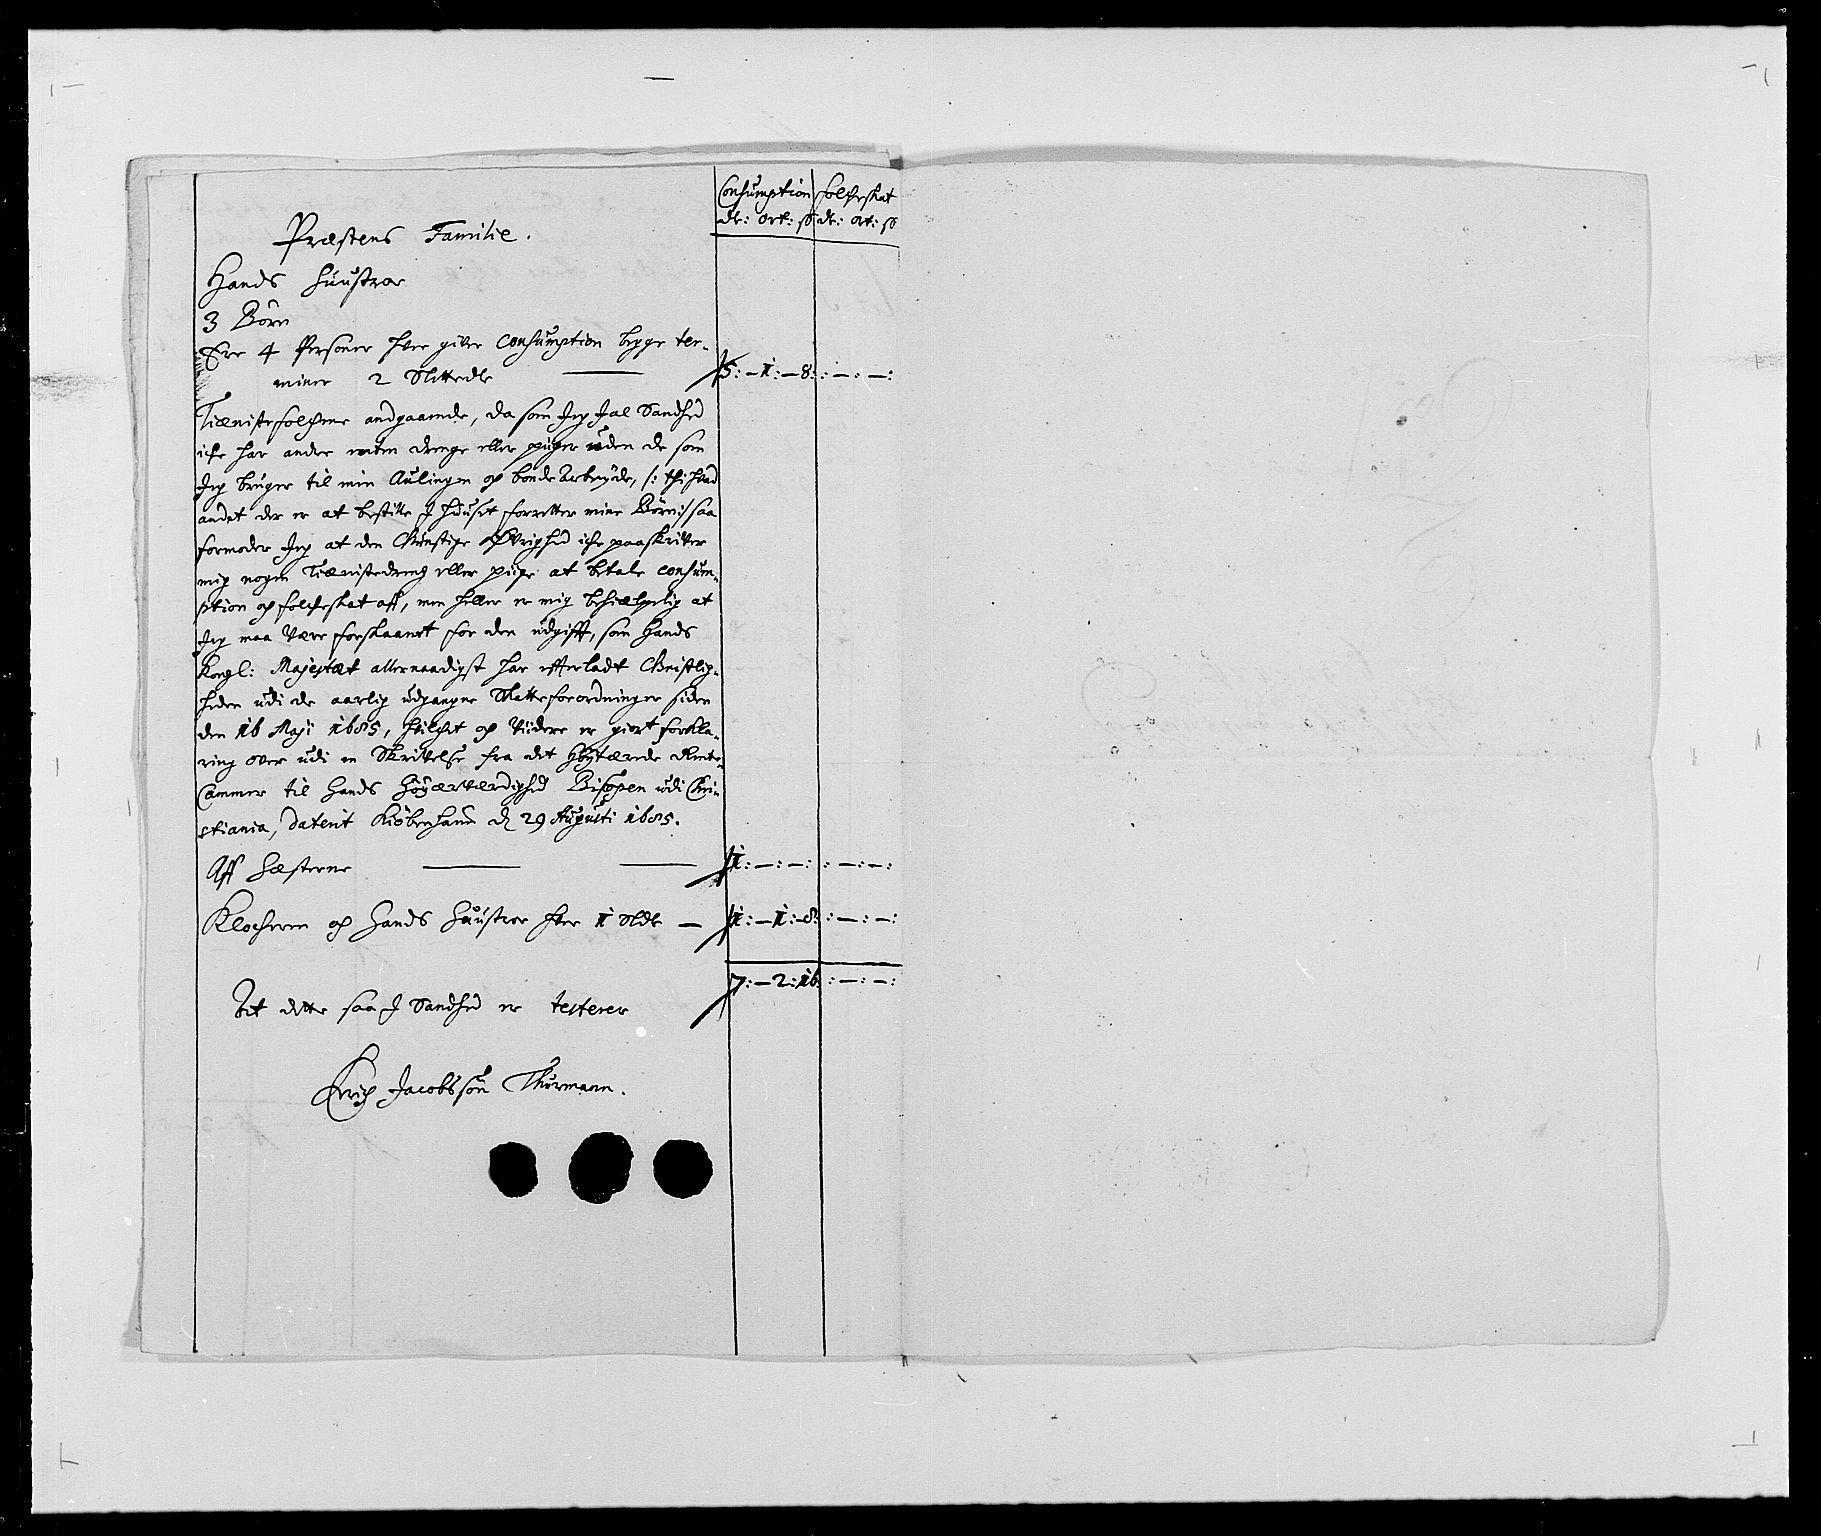 RA, Rentekammeret inntil 1814, Reviderte regnskaper, Fogderegnskap, R24/L1573: Fogderegnskap Numedal og Sandsvær, 1687-1691, s. 409